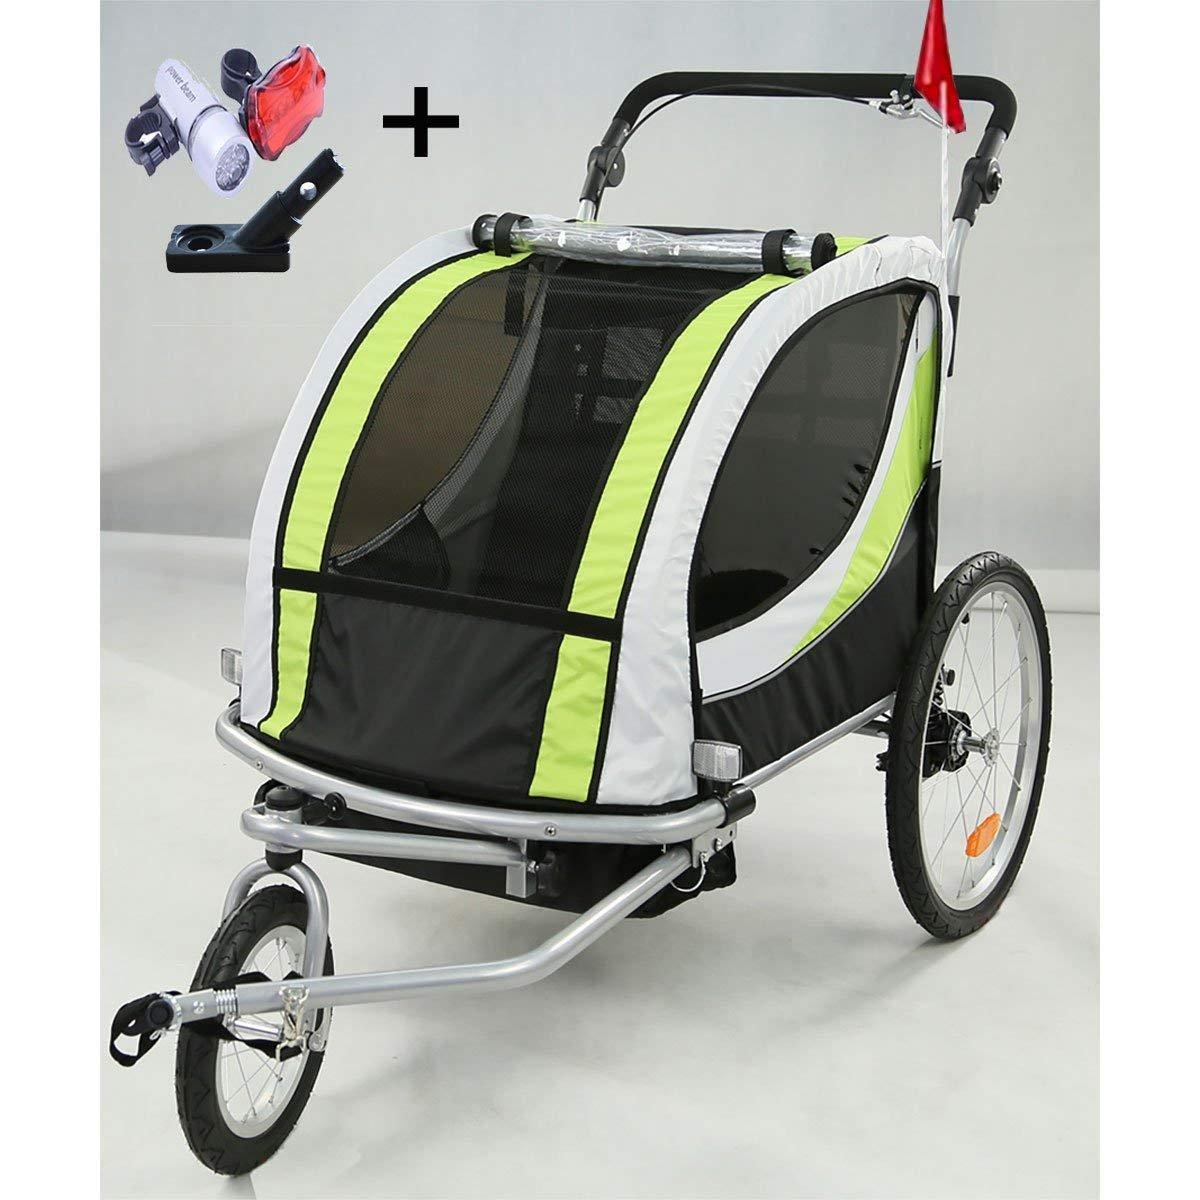 ZOOMY Kinderwagen Getr/änkehalter Kinderfahrrad Fahrradwagen Flaschenhalter 360 Drehbar F/ür Kinderwagen Buggy Kinderwagen Zubeh/ör Schwarz